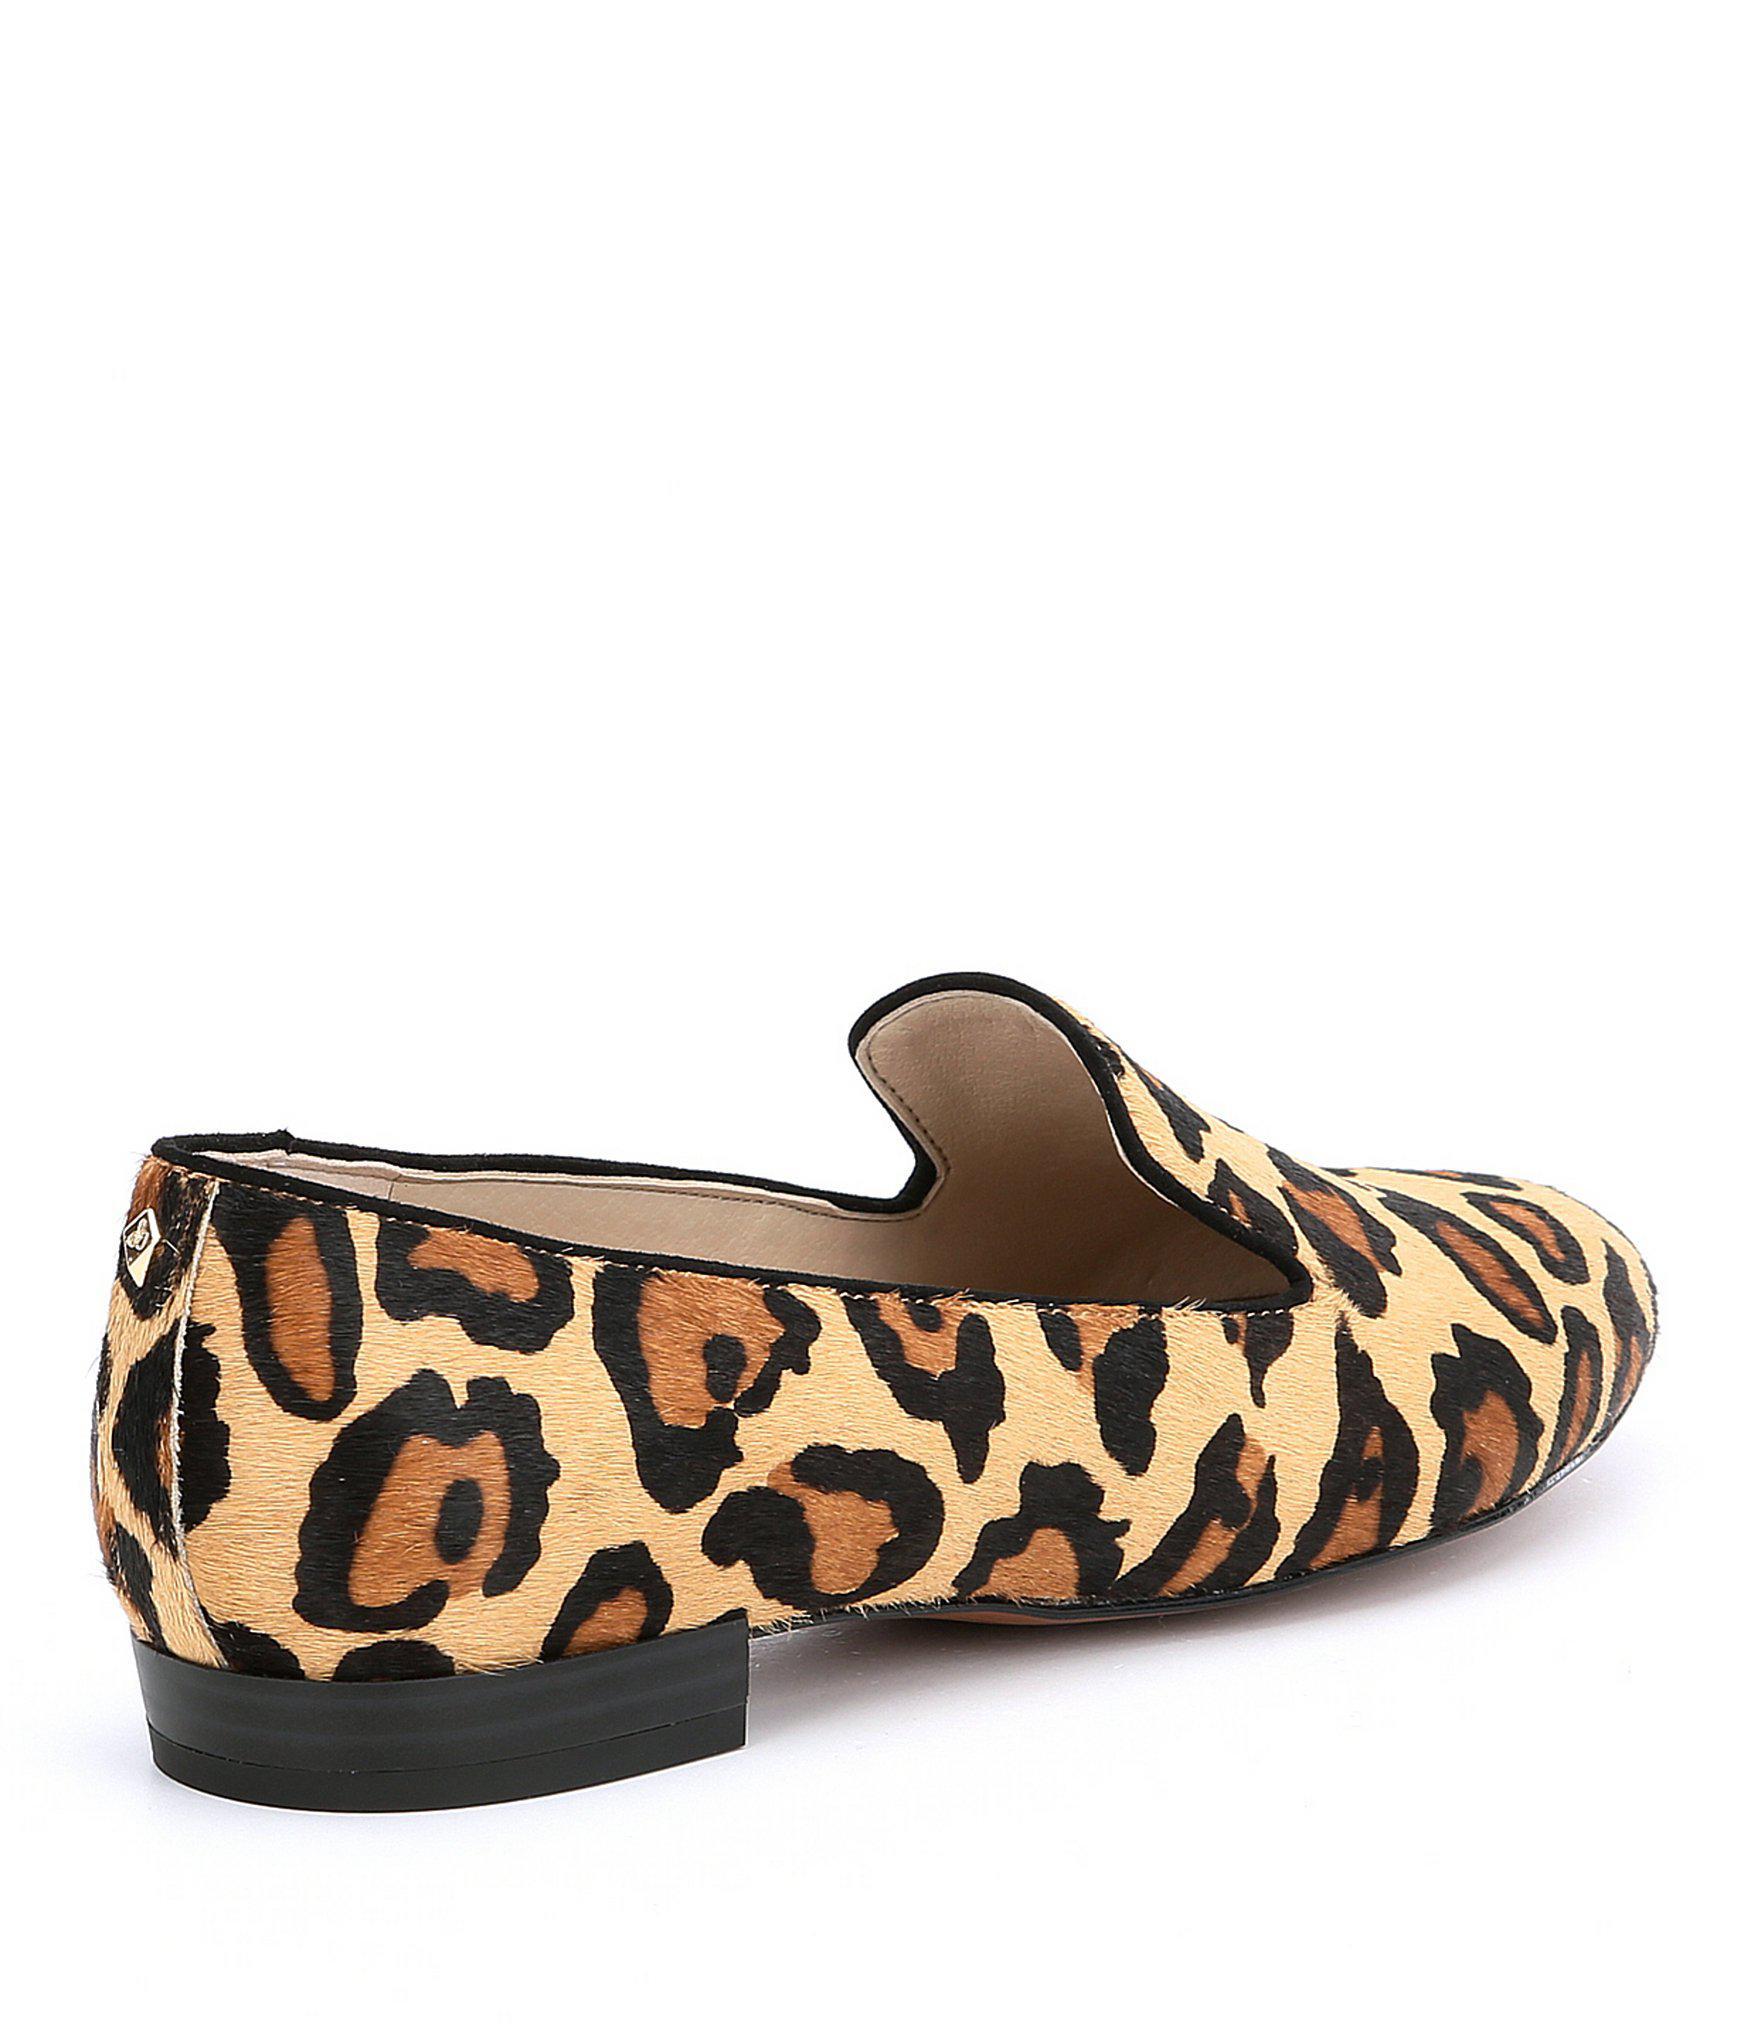 0d4d02c3c43f Lyst - Sam Edelman Jordy Leopard Brahma Hair Loafers in Brown